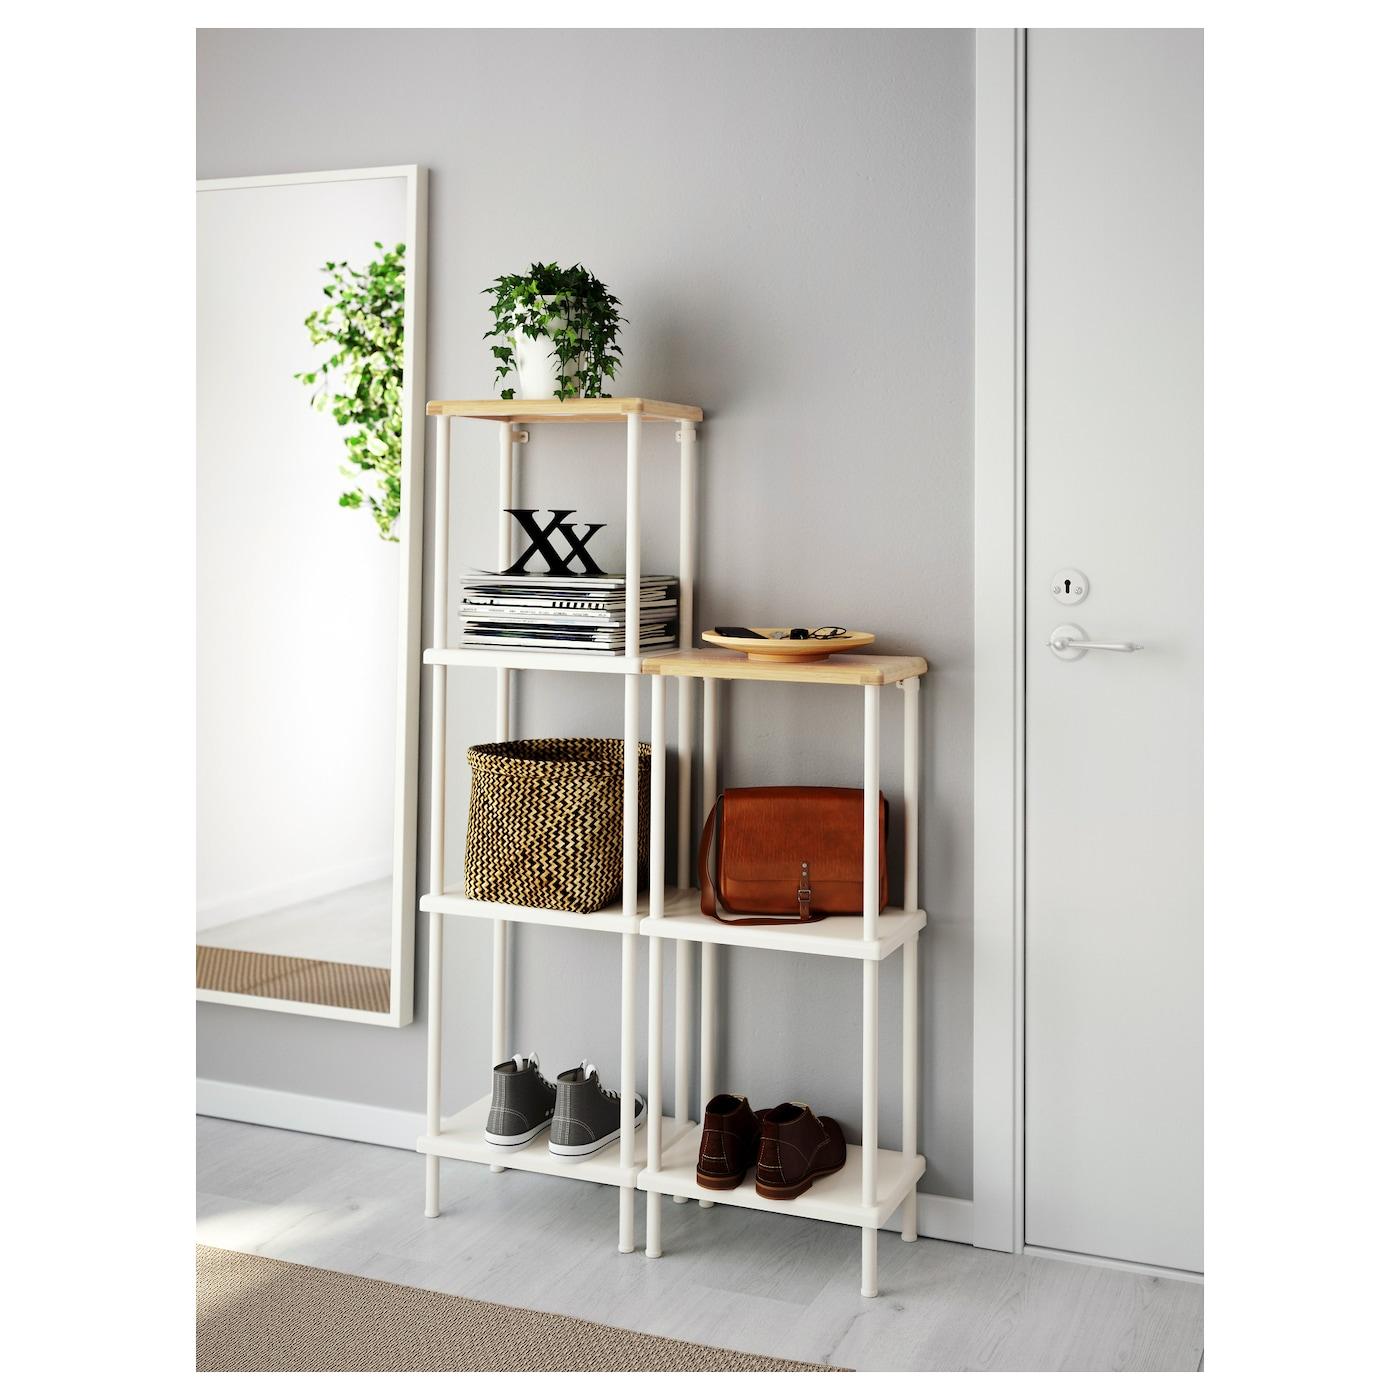 Bamboo bathroom shelf unit - Ikea Dynan Shelf Unit Perfect In A Small Bathroom